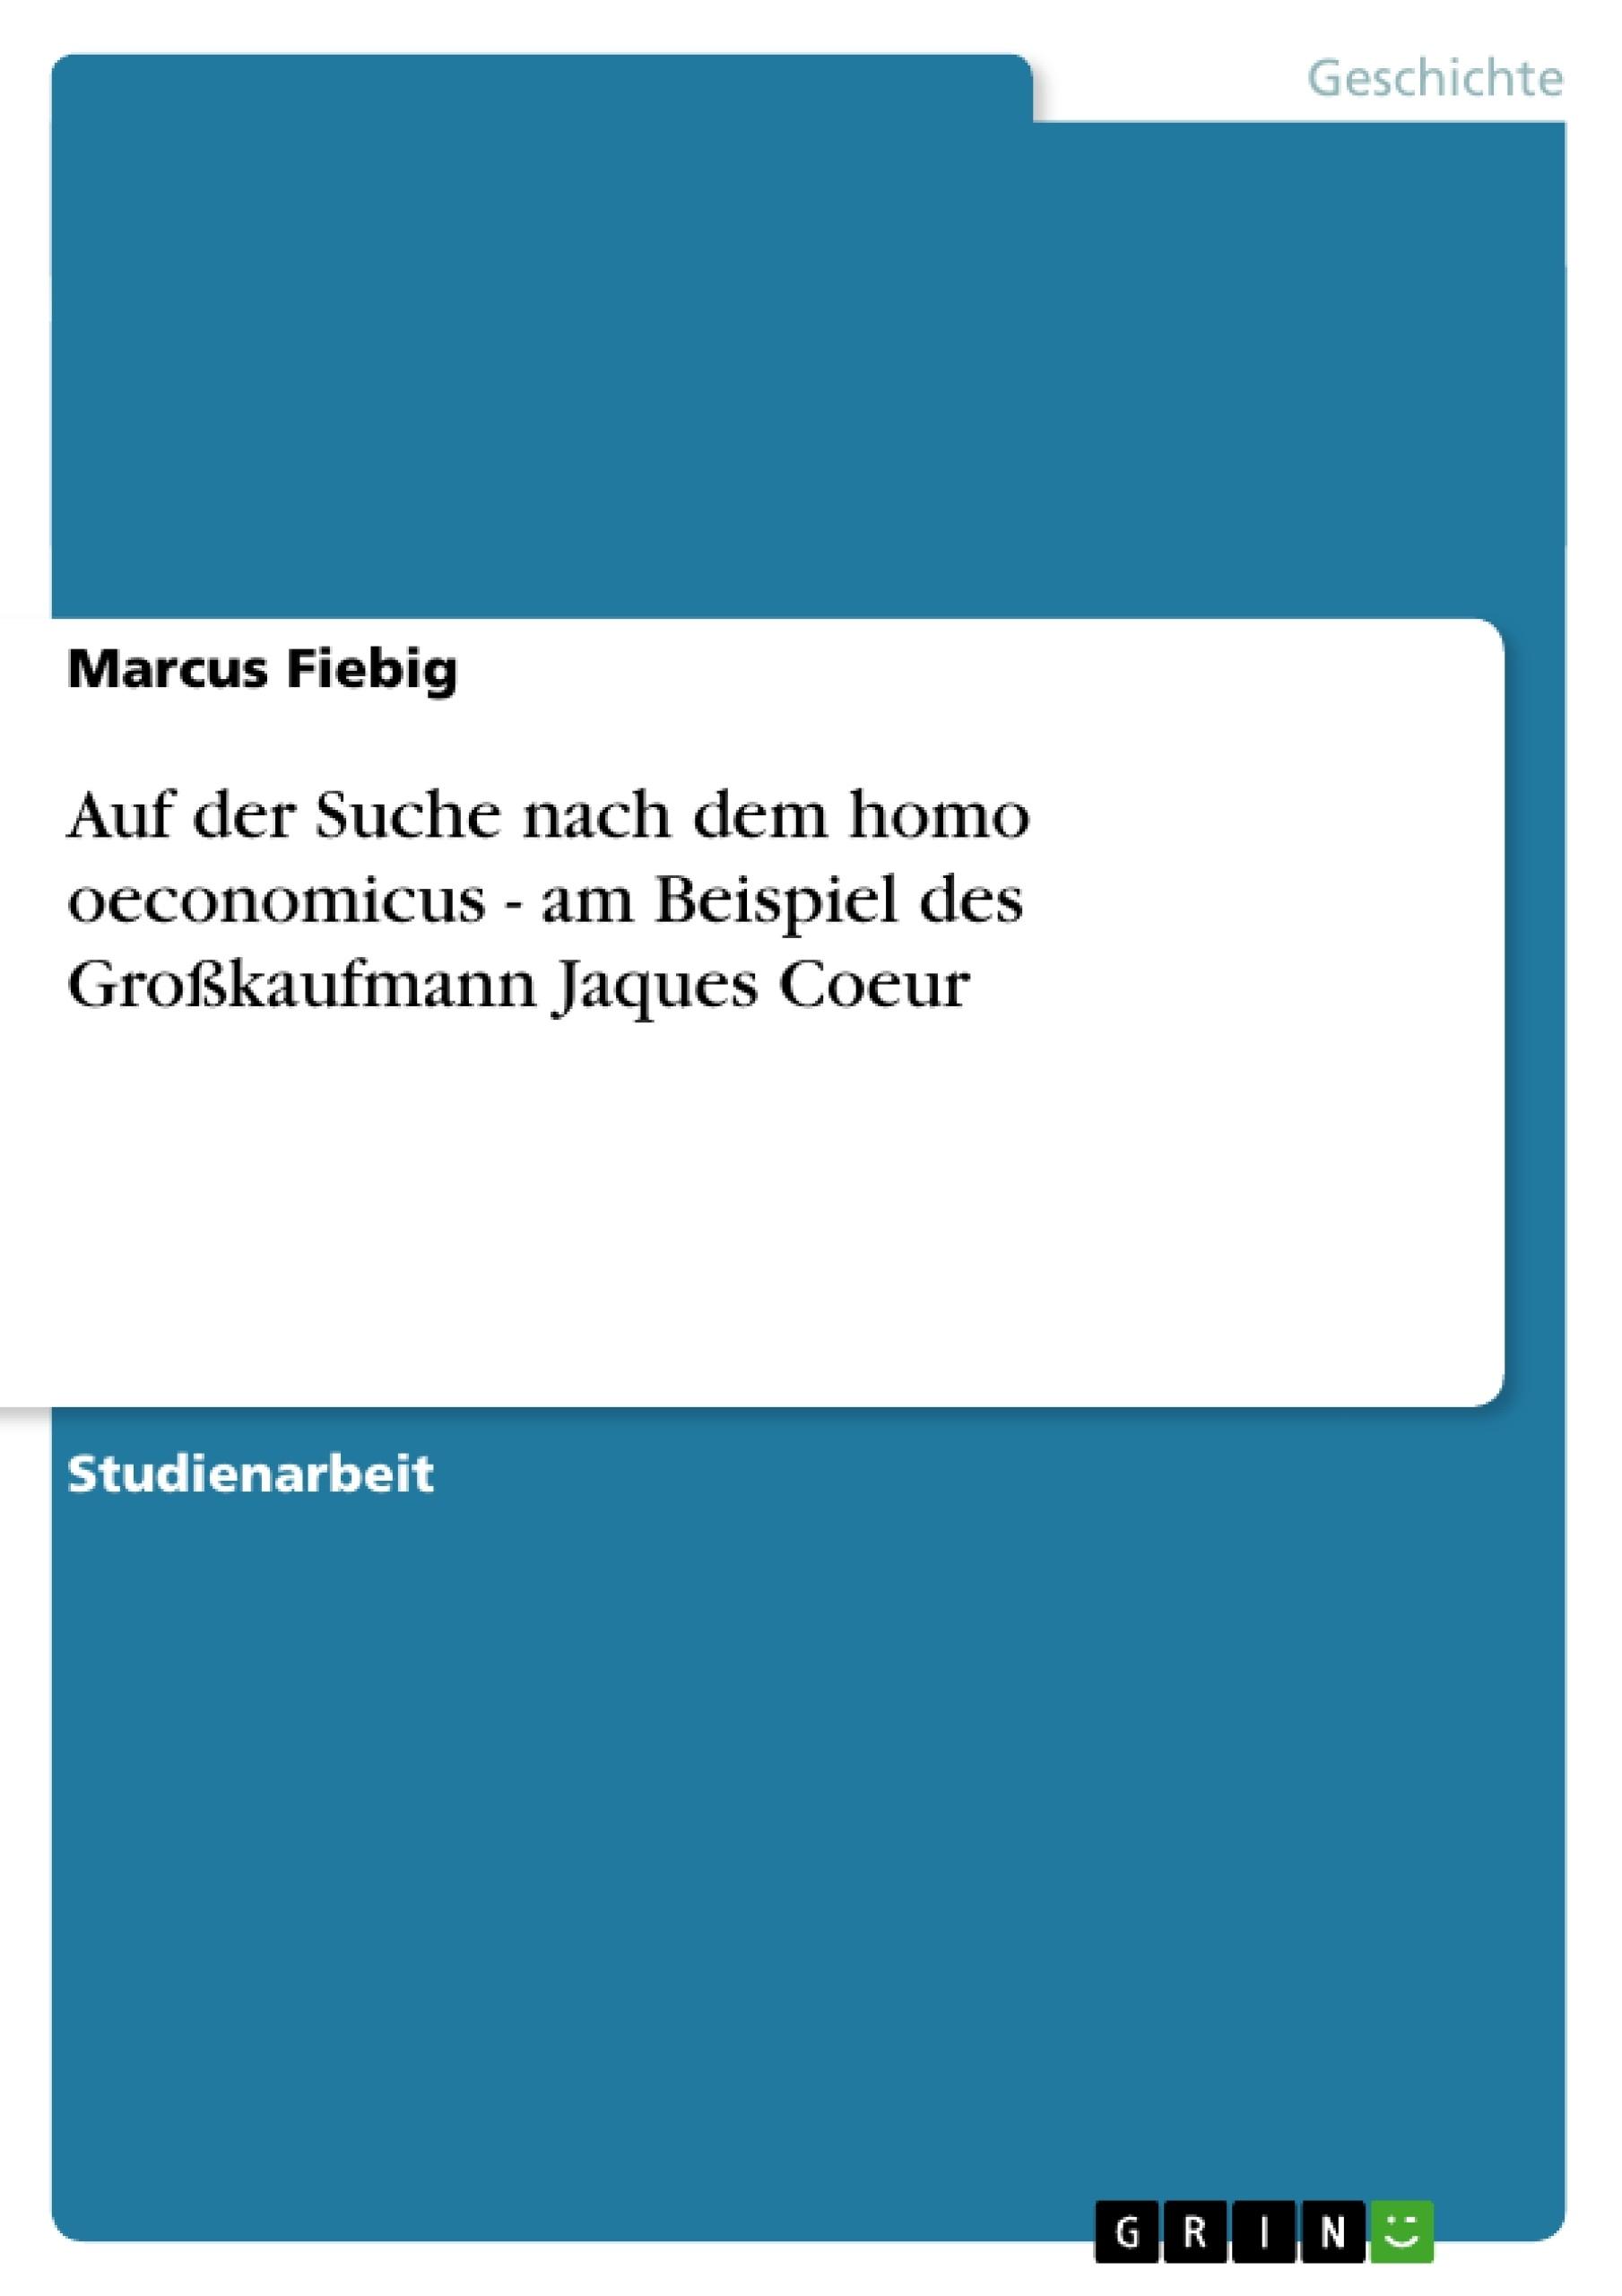 Titel: Auf der Suche nach dem homo oeconomicus - am Beispiel des Großkaufmann Jaques Coeur